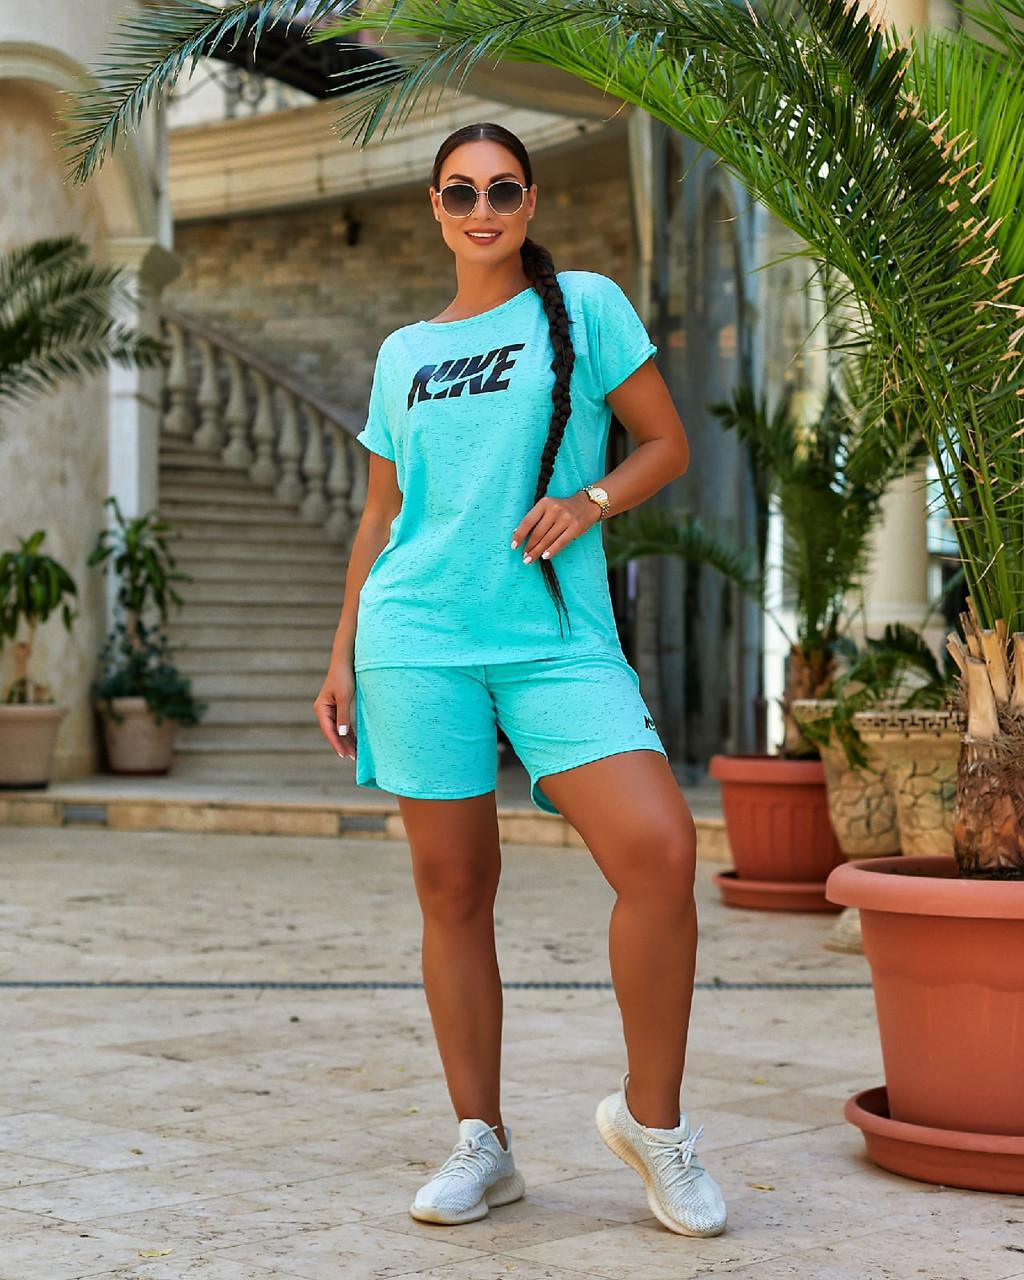 Літній спортивний костюм з шортами і вільною футболкою